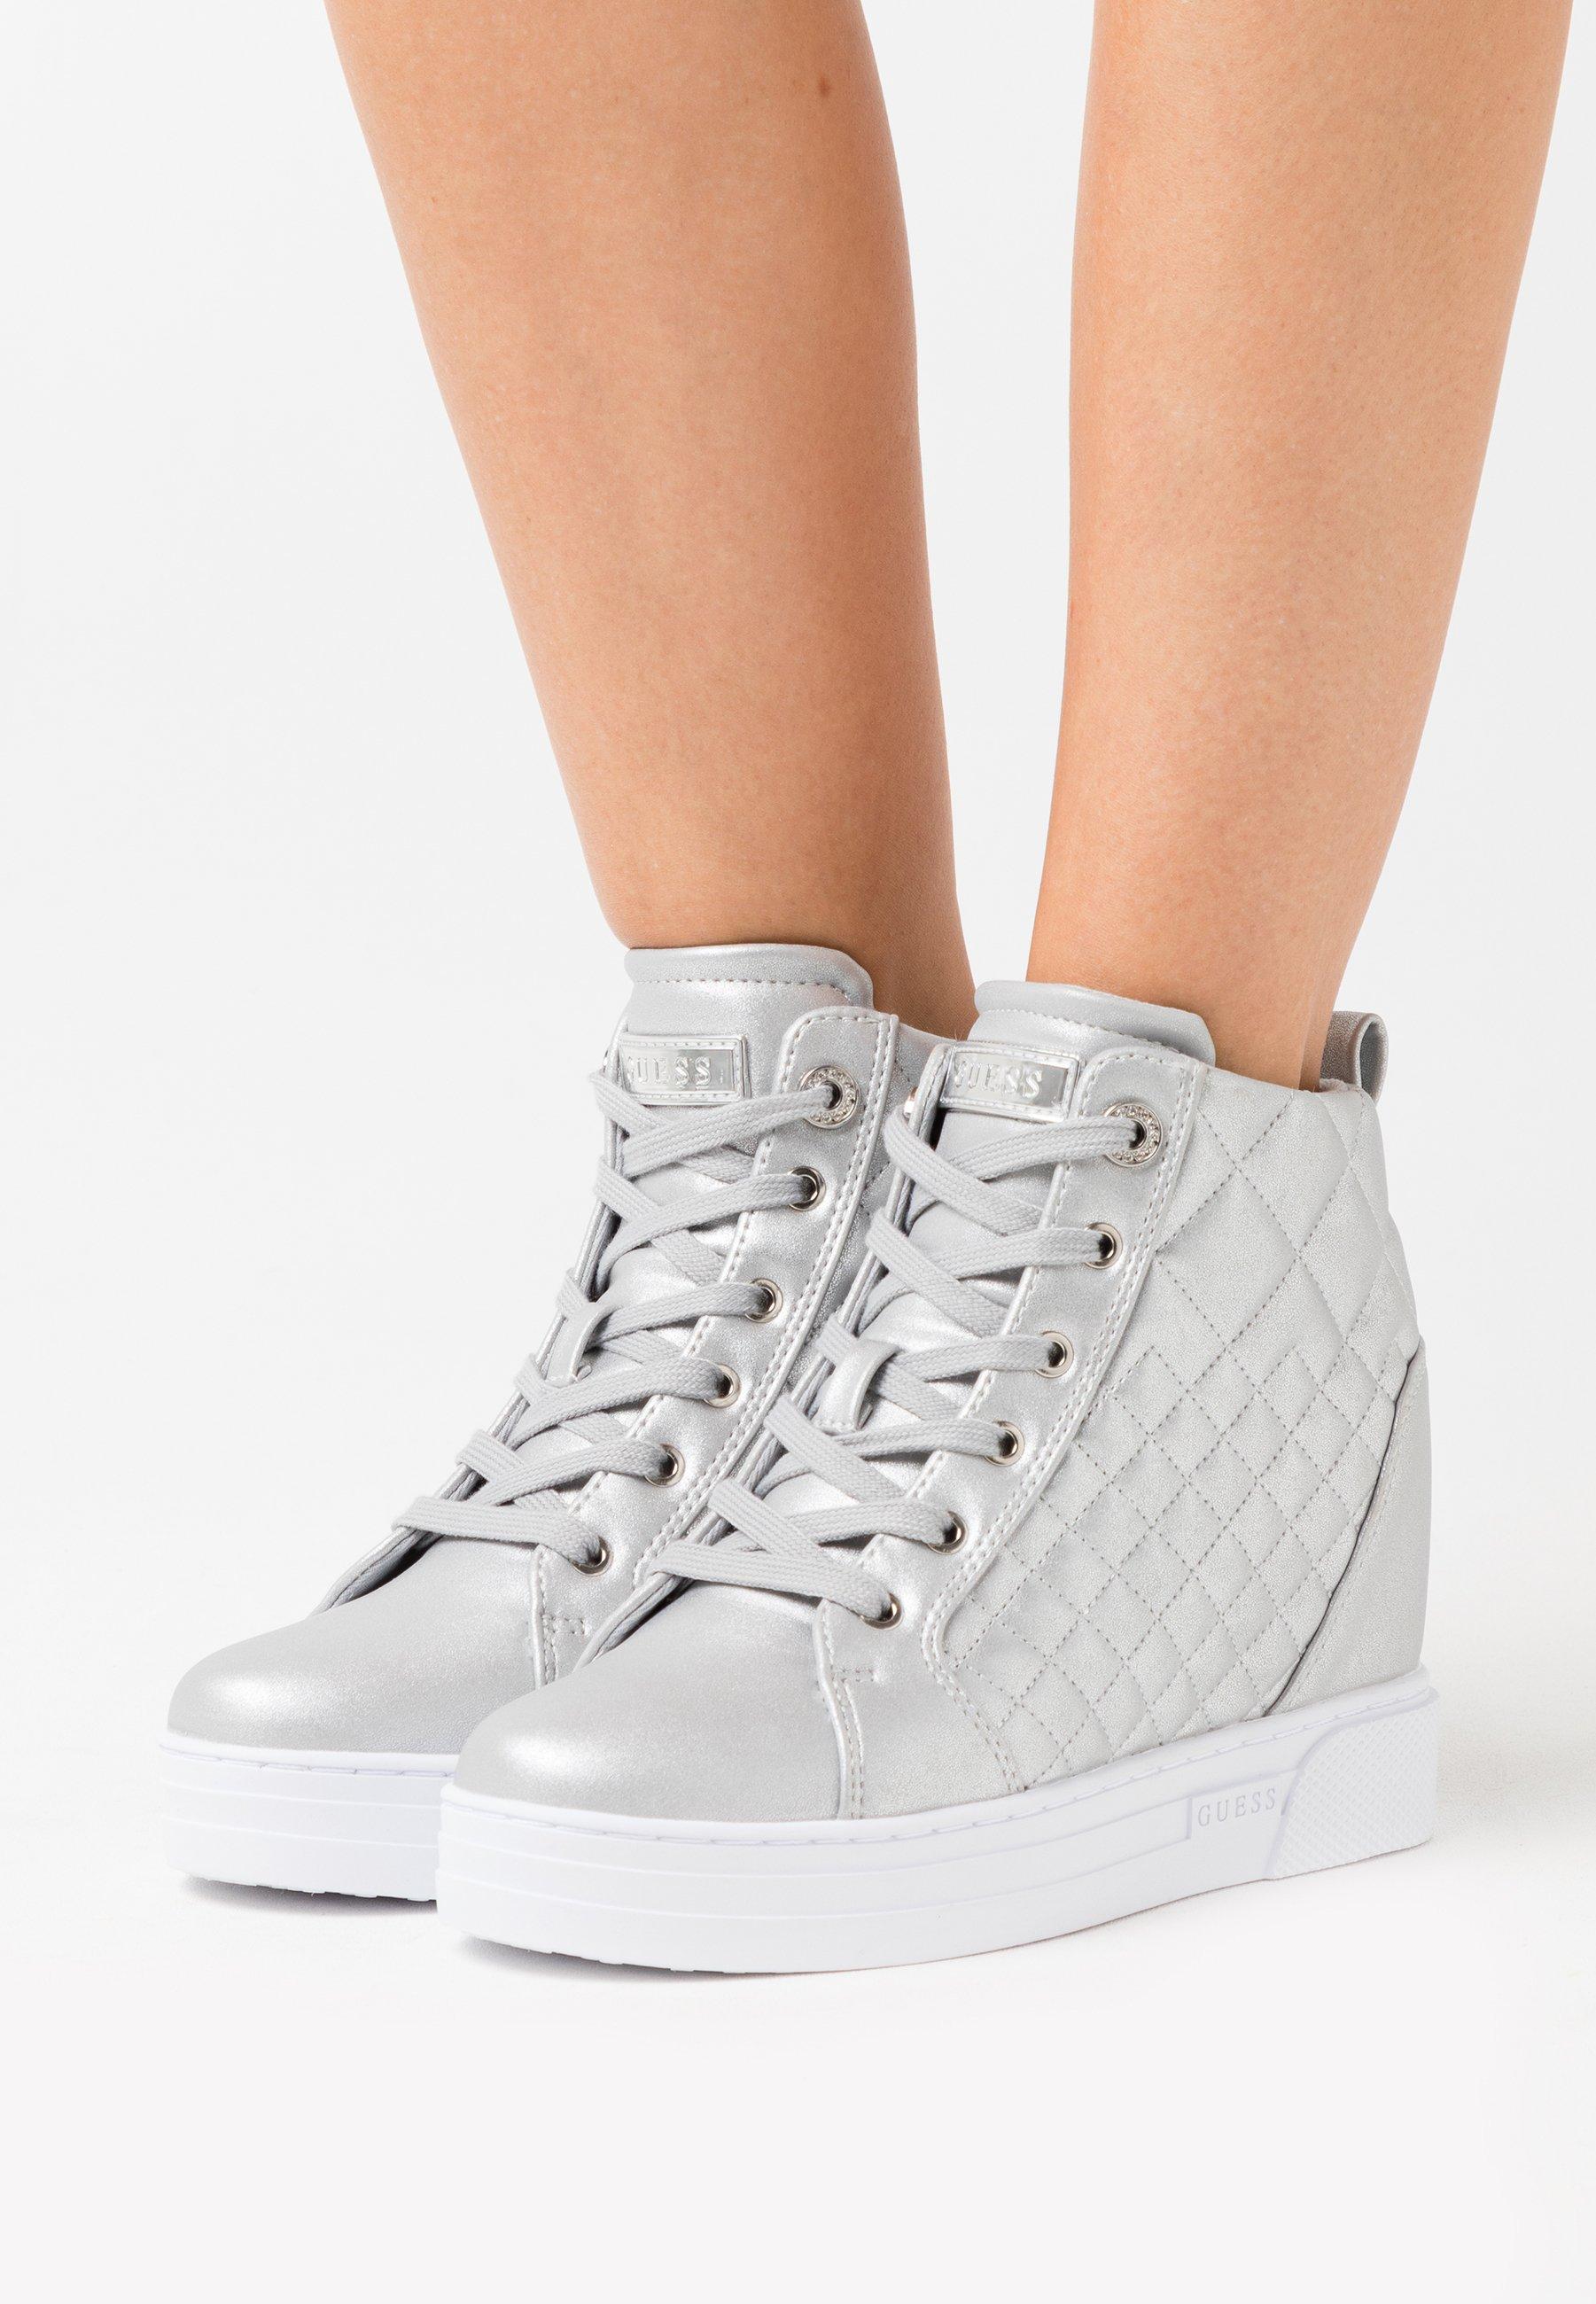 Gutes Angebot Guess FASE - Sneaker high - argent | Damenbekleidung 2020